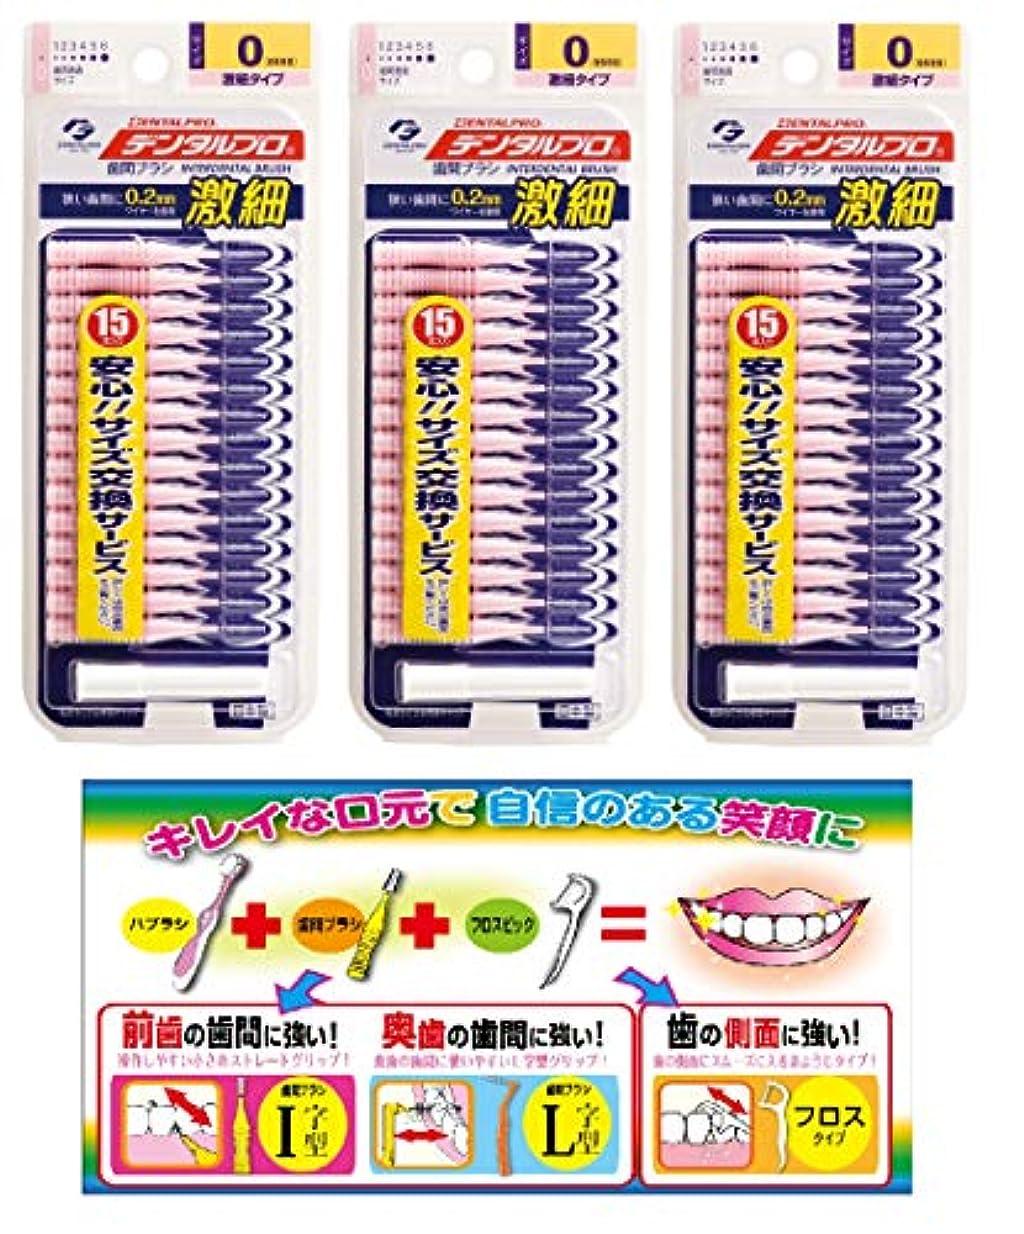 慢雹ぺディカブ【Amazon.co.jp限定】DP激細歯間ブラシ15P 3P+リーフレット